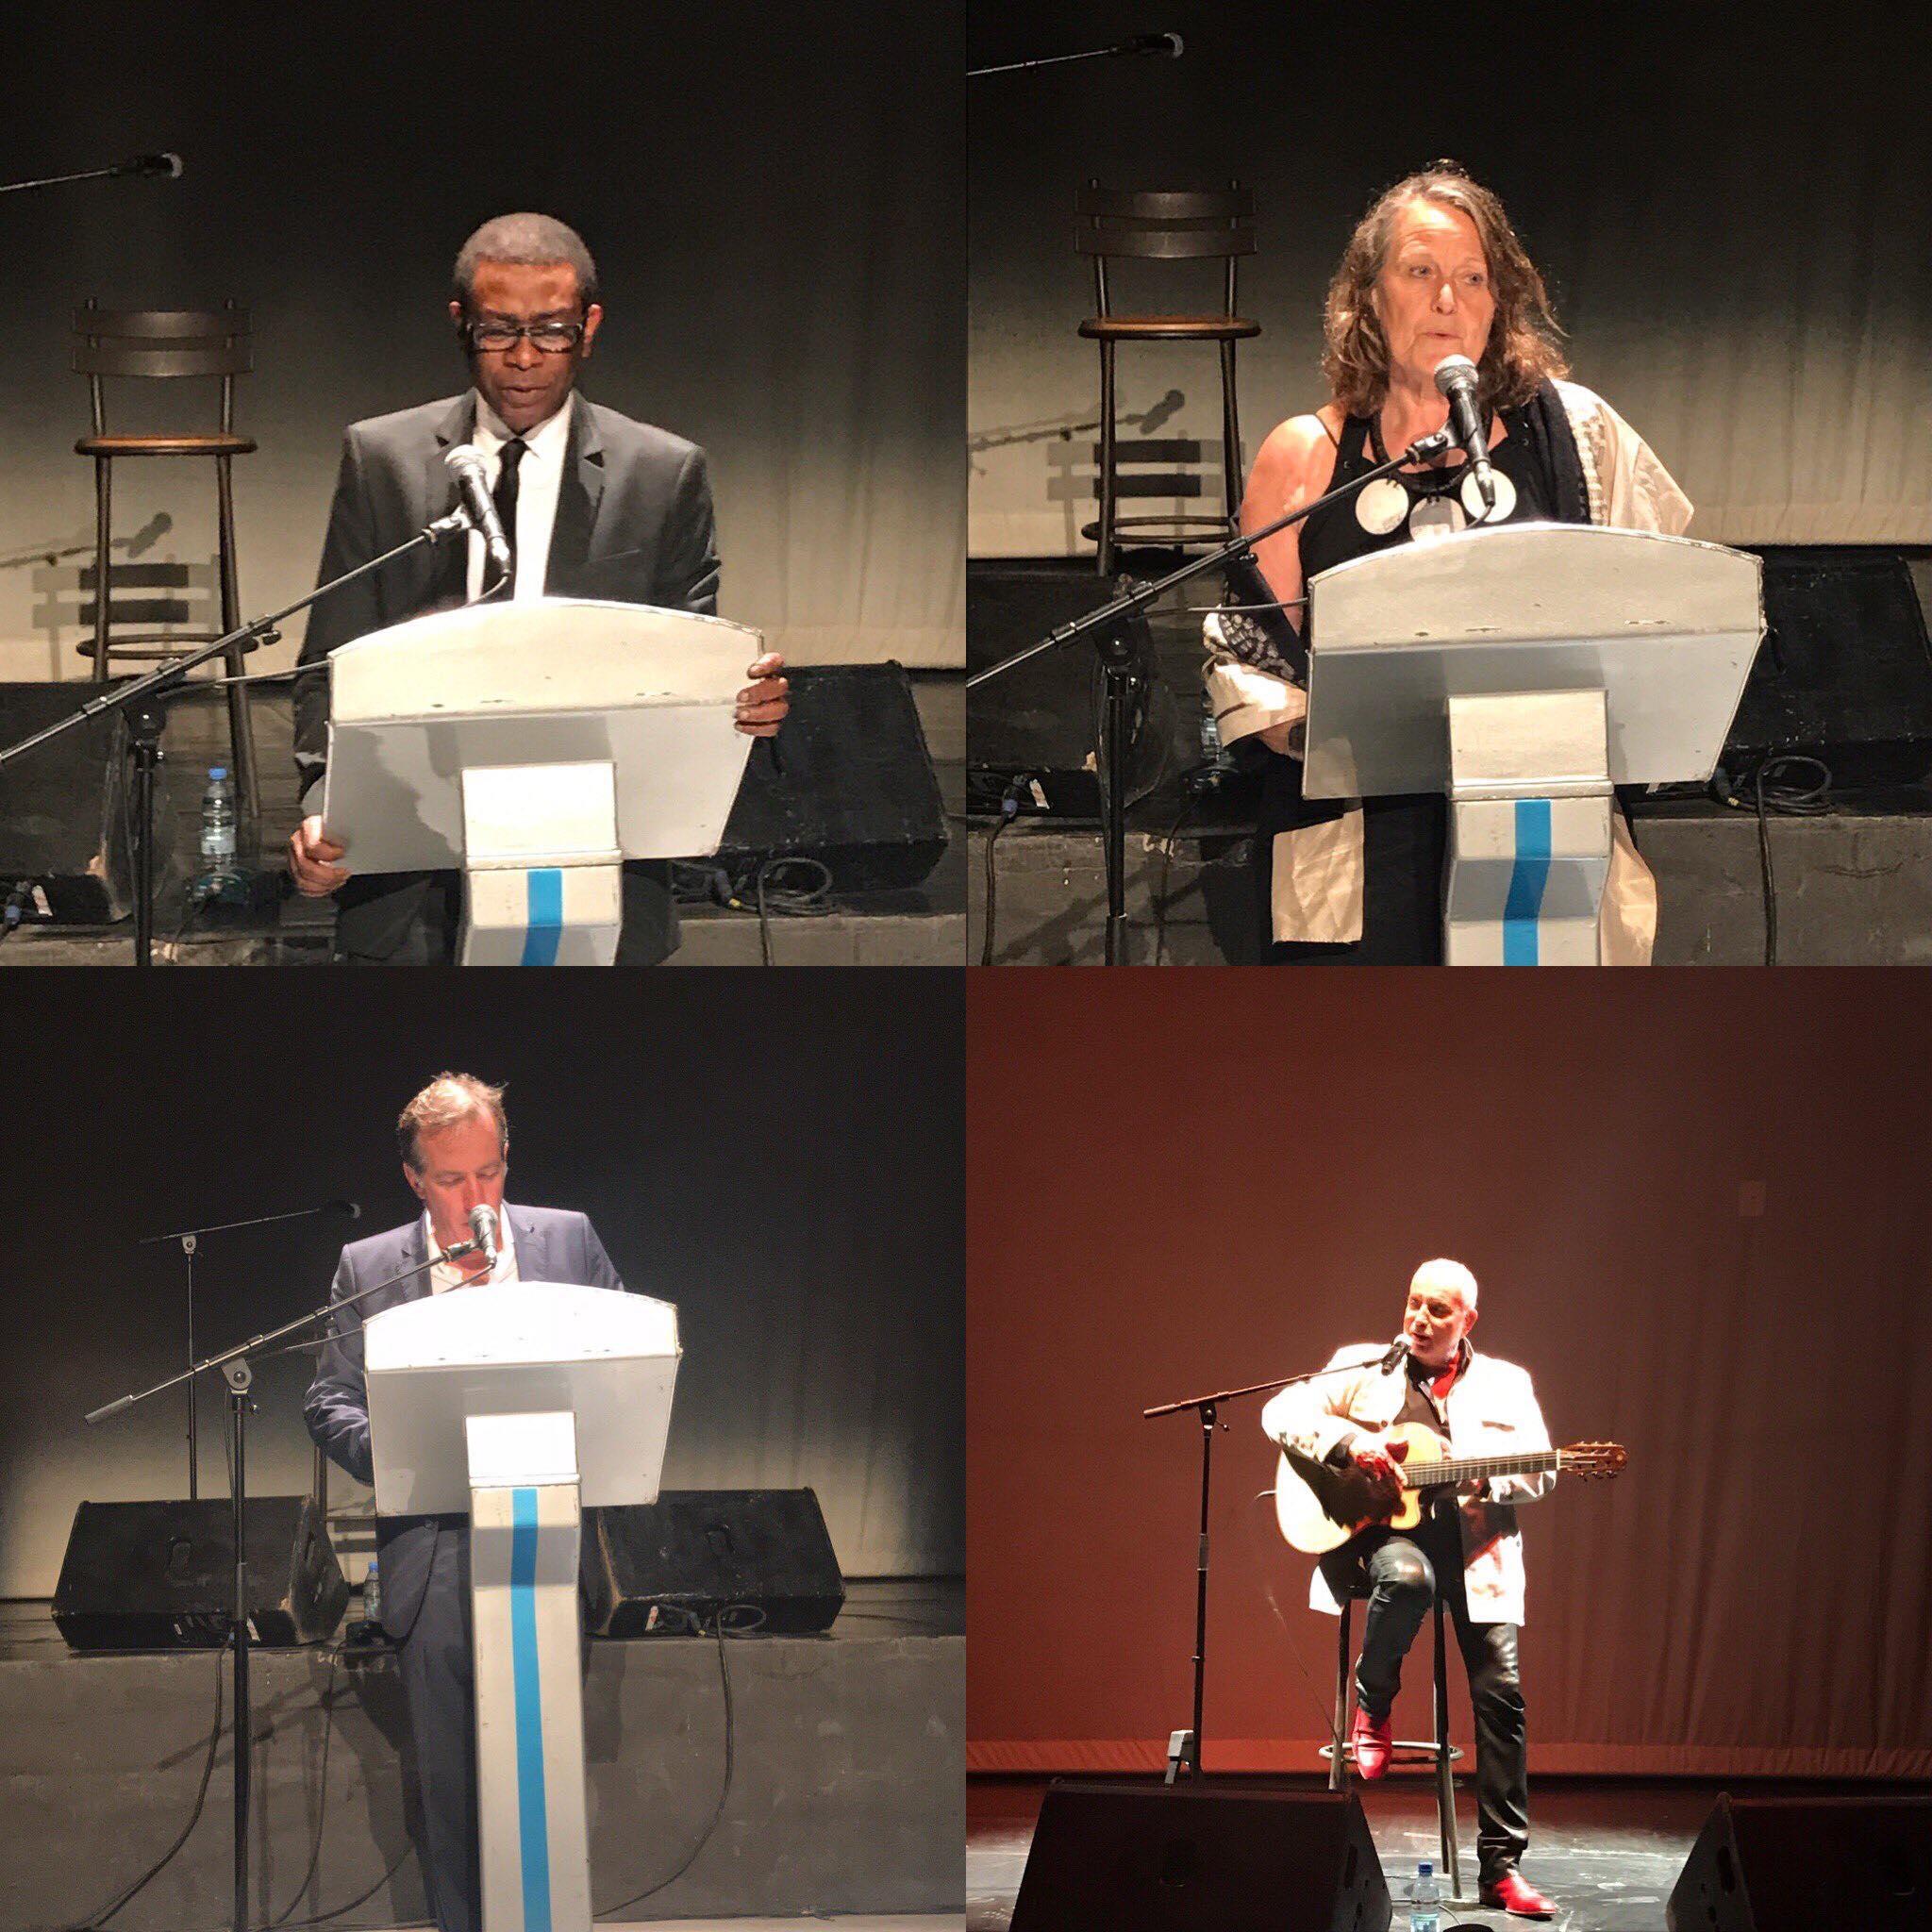 Soirée hommage à Ousmane Sow à l'Institut Français, en présence de Youssou Ndour, Souleymane Diamanka, Béatrice Soulé, Bernard Lavilliers et Christophe Bigot